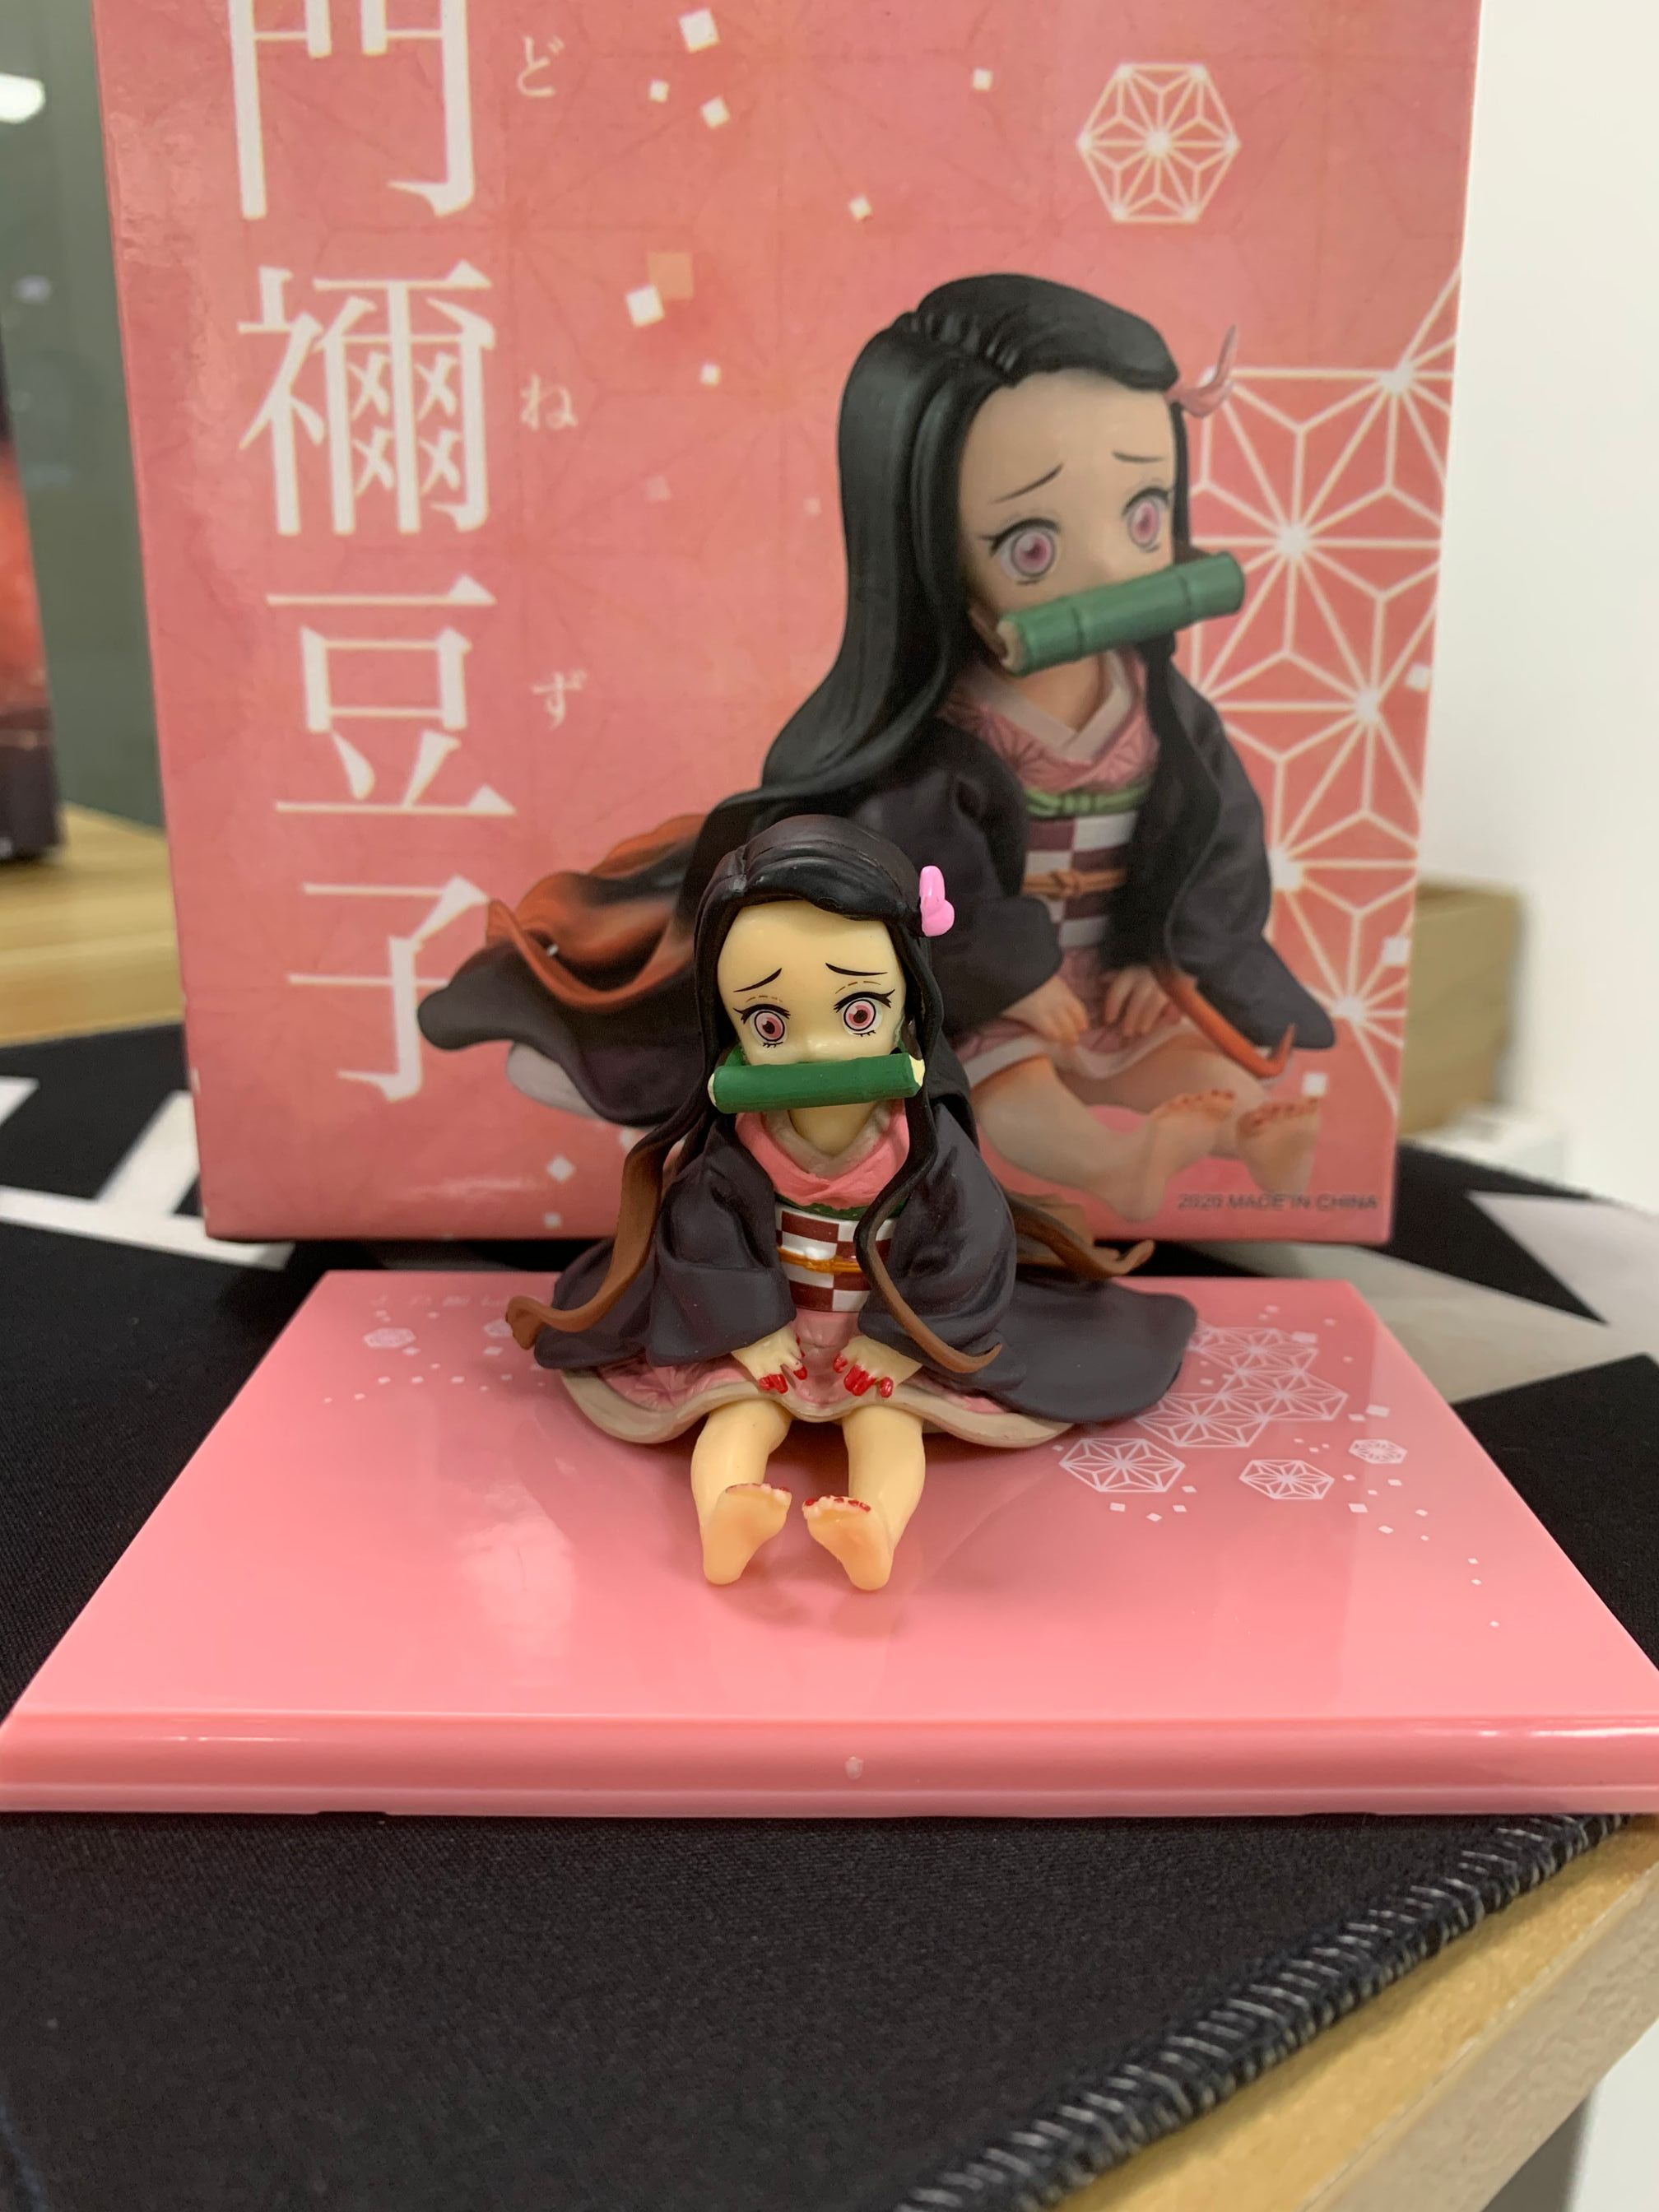 Demon Slayer Kimetsu no Yaiba Nezuko Figure Model Toy Anime Demon Slayer Figure Nezuko Cute Toy SzZH